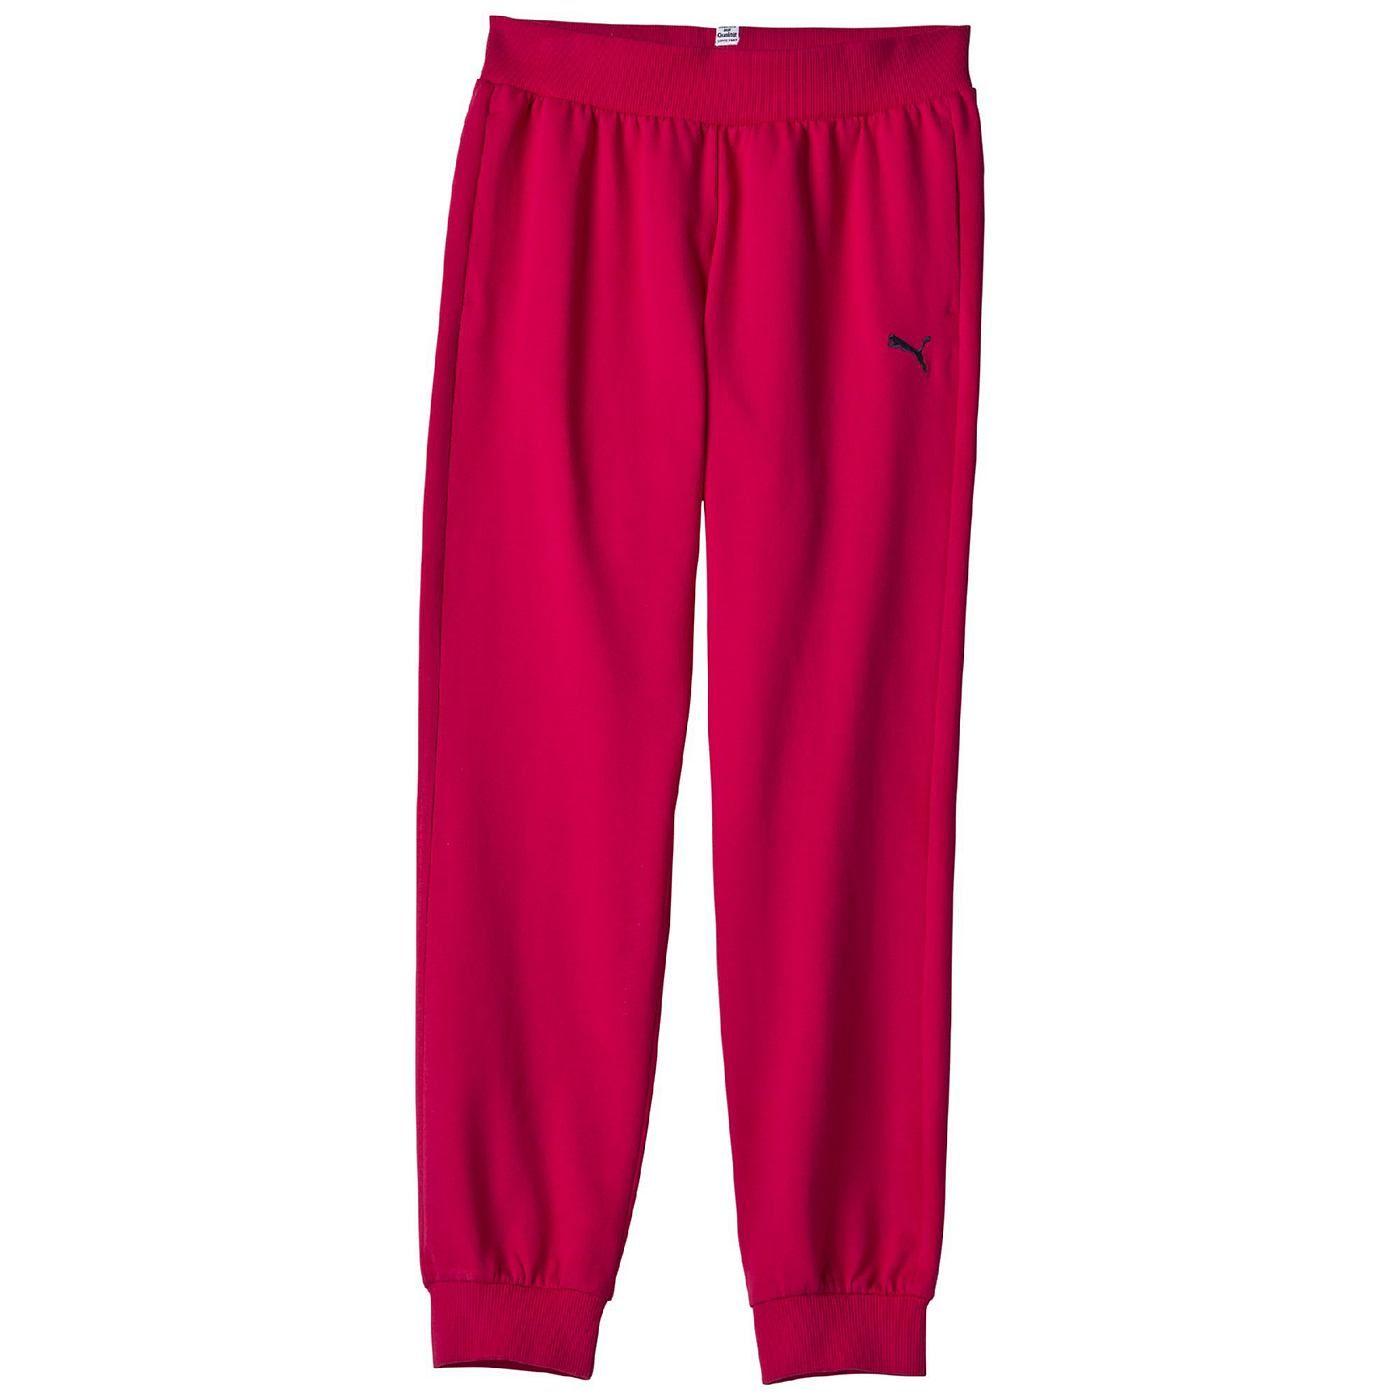 ICON Trainingshose    Diese modisch designte und bequeme PUMA-Jogging-Hose bringt Spaß in deine Trainings- und Laufeinheiten.    Material: 100% Baumwolle...